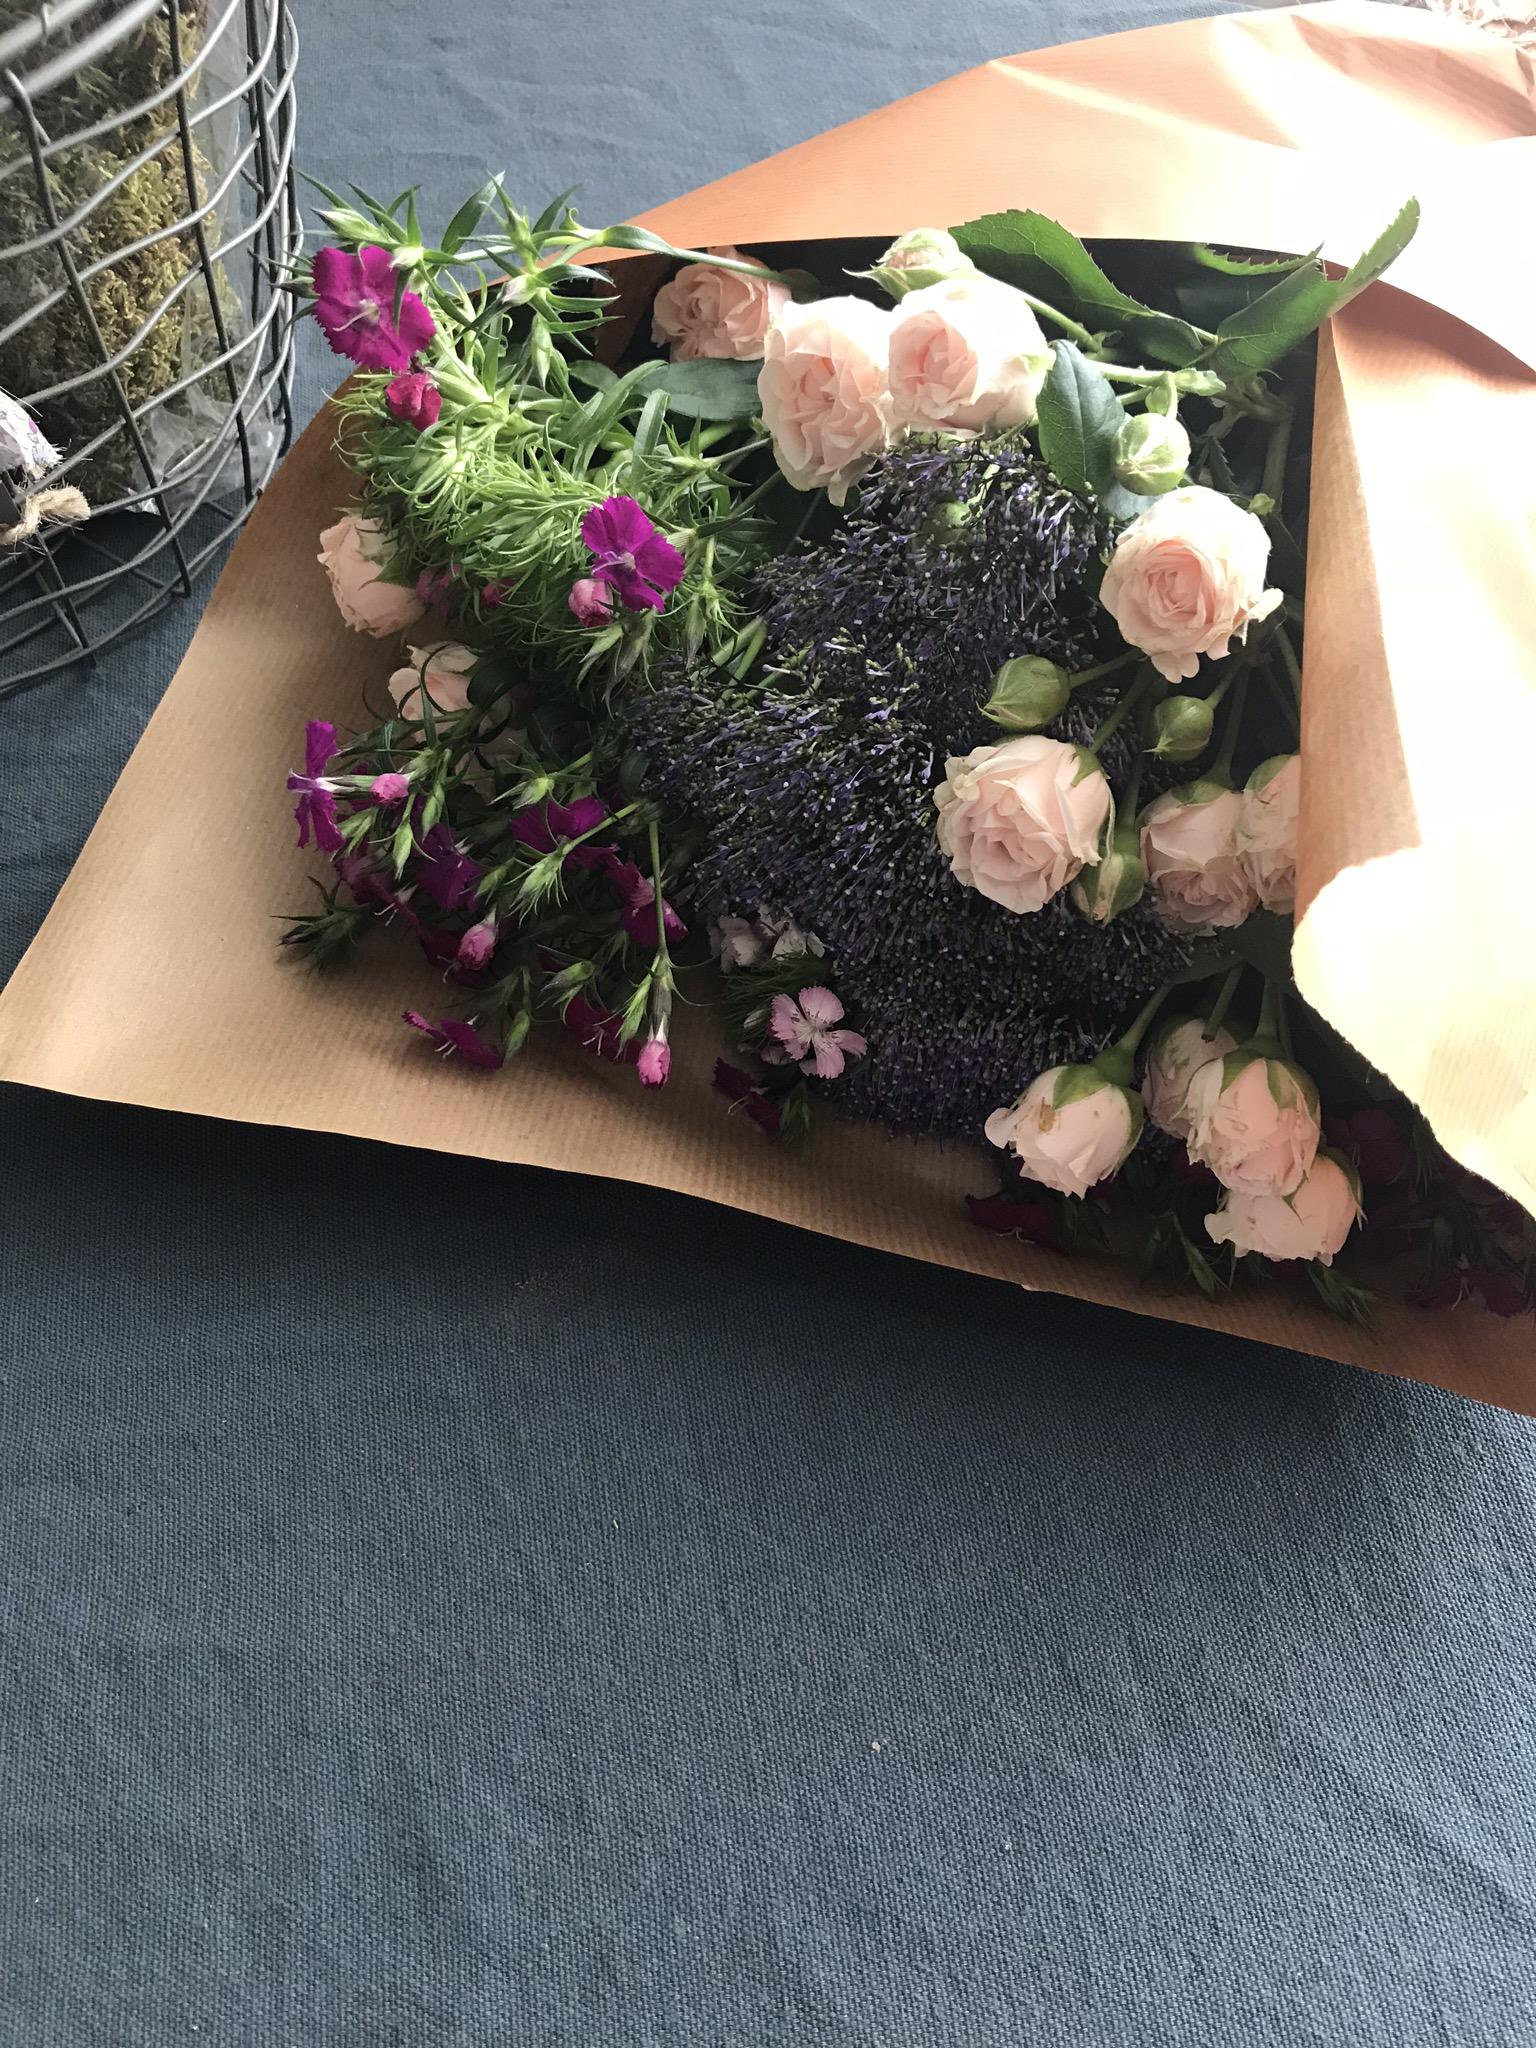 Choisissez les fleurs qui vous plaisent